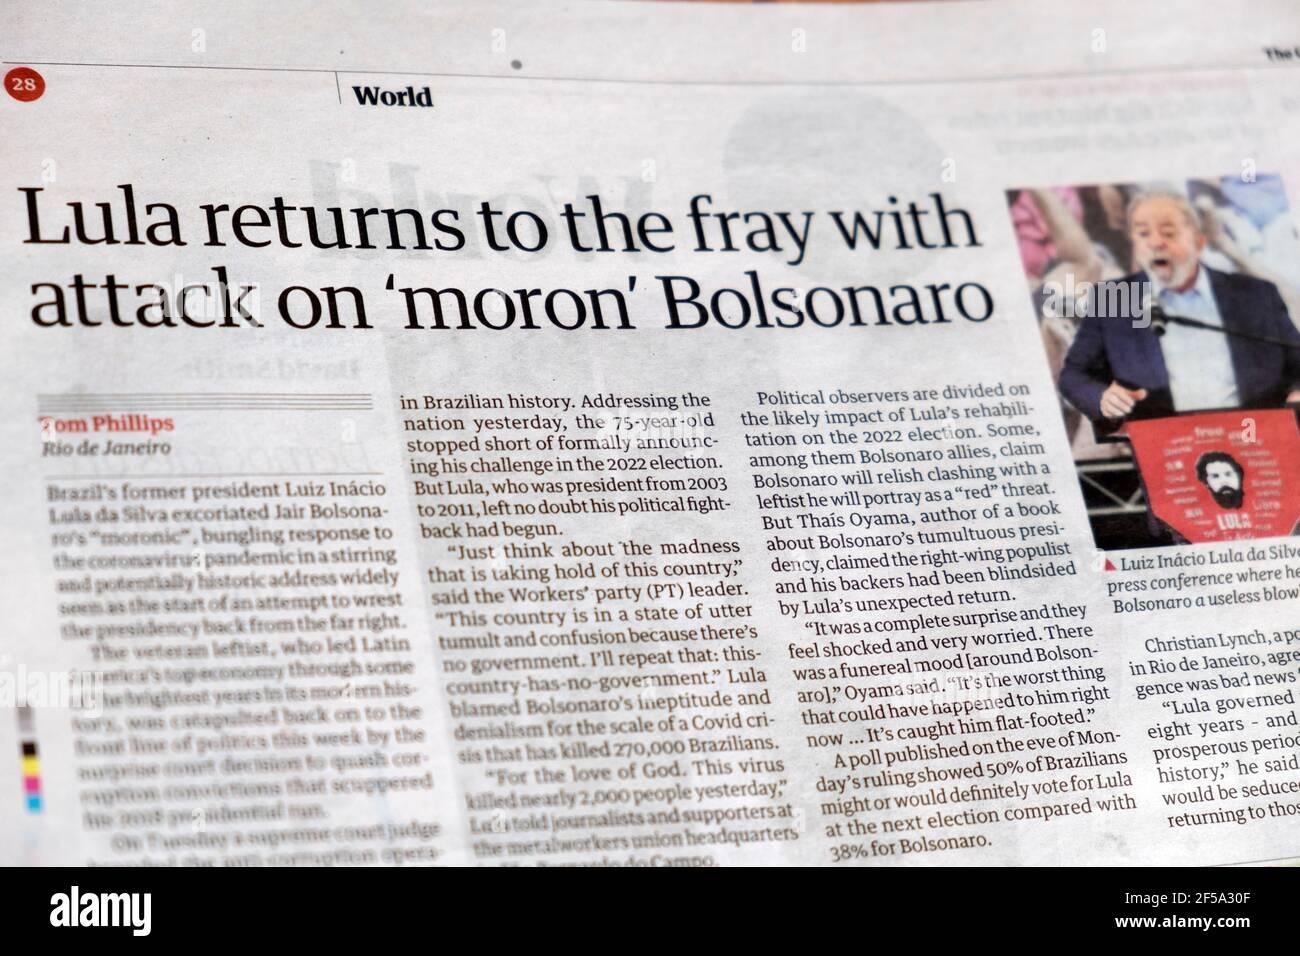 'Lula torna alla mischia con l'attacco al 'moron' Bolsonaro' Giornale Guardian titolo articolo Brasile ex presidente 11 marzo 2021 Londra, Regno Unito Foto Stock